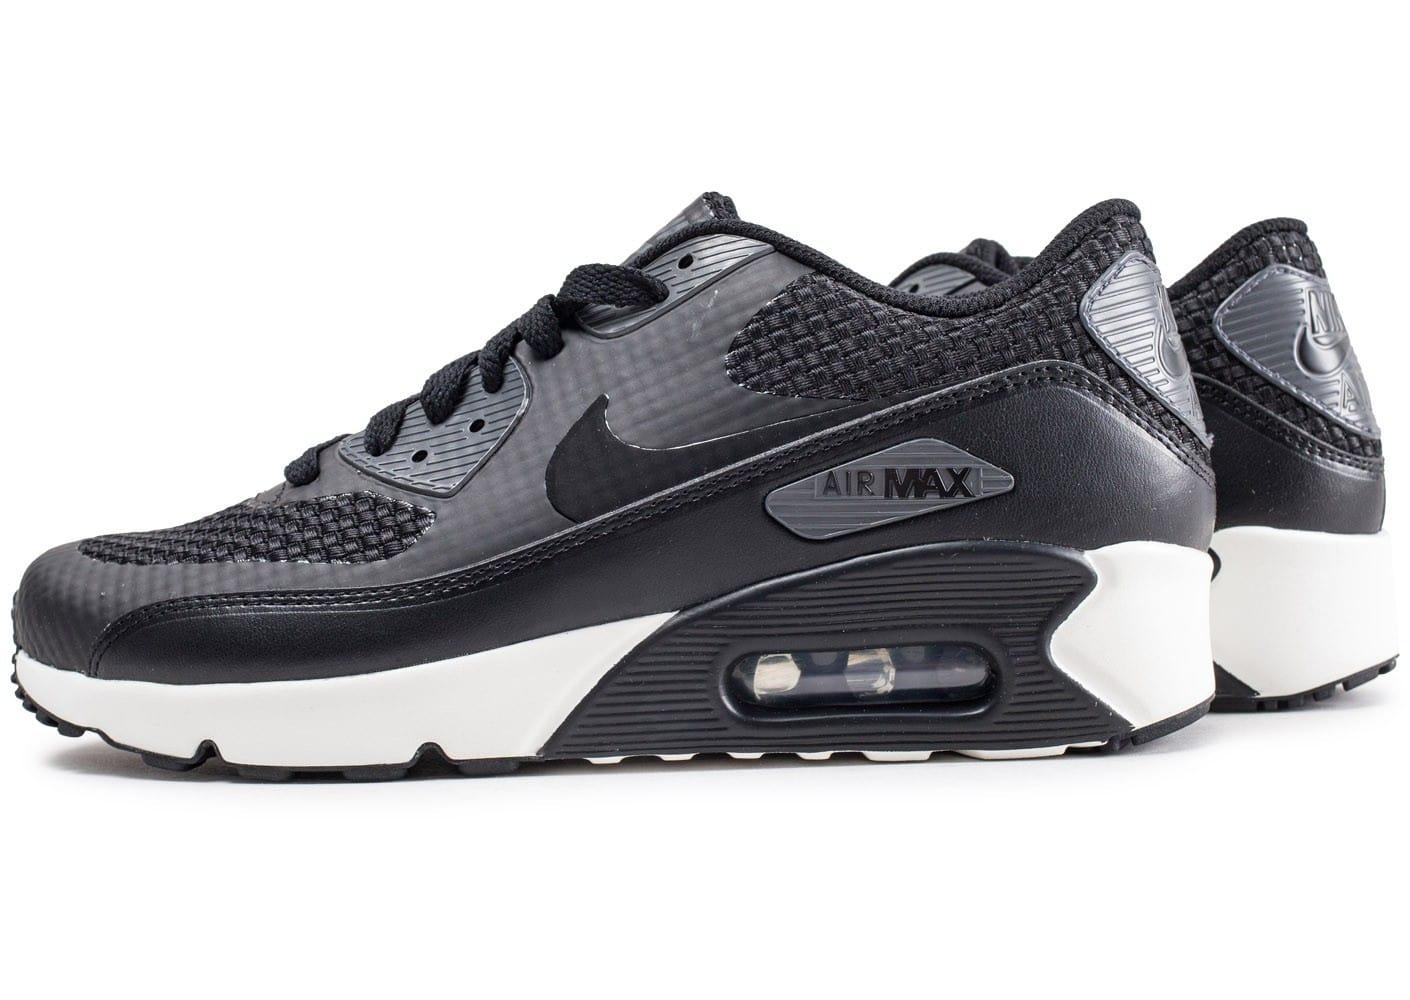 the best attitude 47184 75266 Nike - Air Max 90 Ultra 2.0 Se Gar on Fille Chaussures Gris air max 95 noir  gris blanc UIS- 2GlQH ... Air Max 90 Homme noir gris blanc.